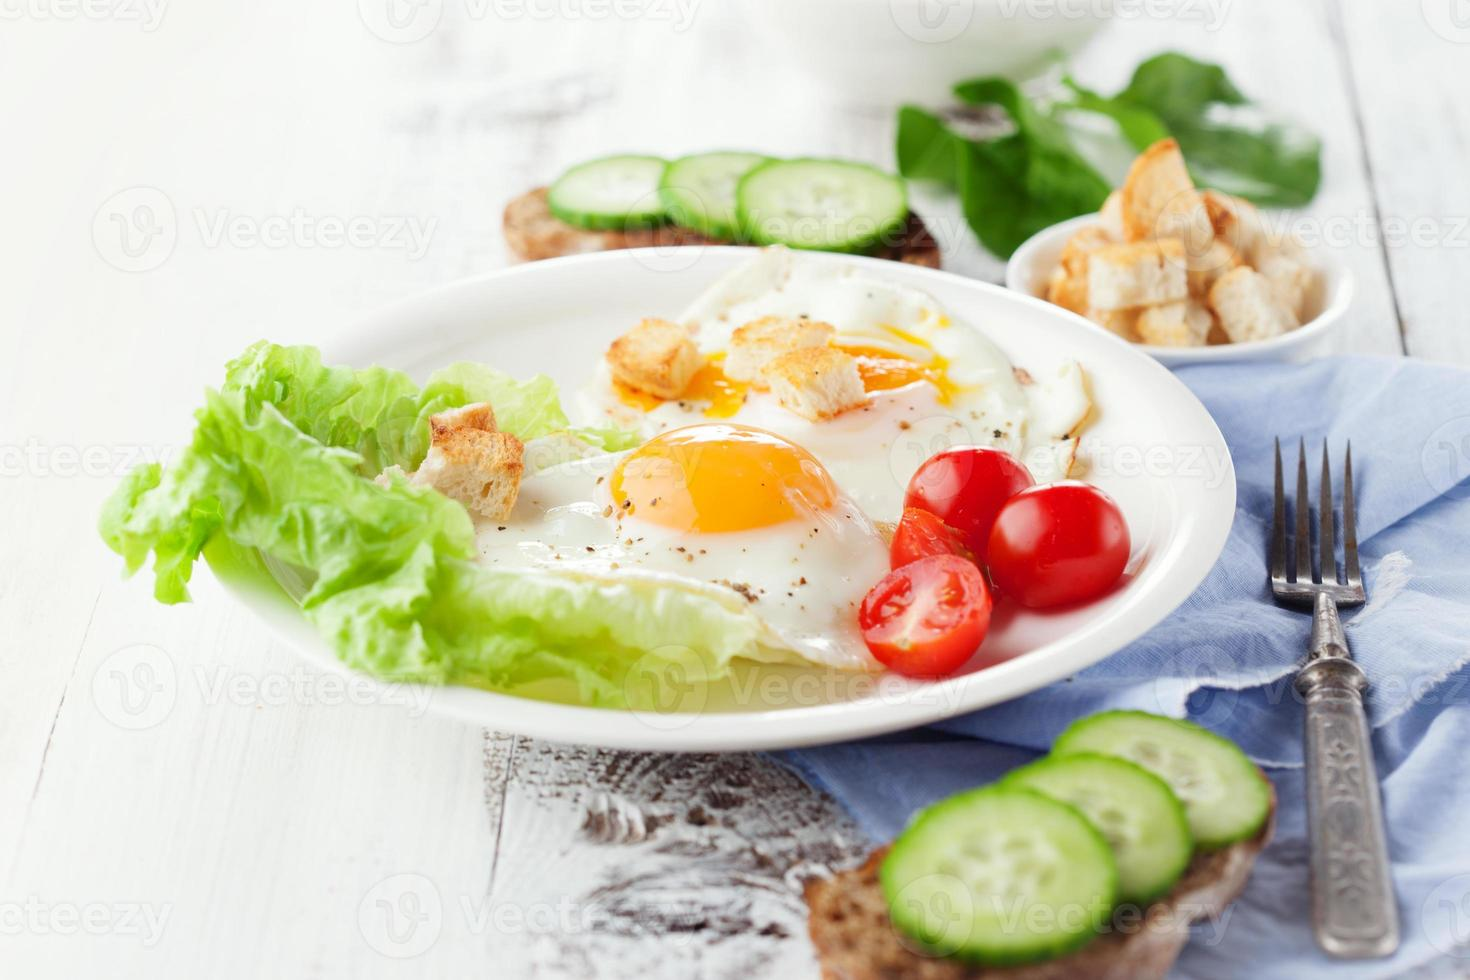 desayuno con huevo frito foto